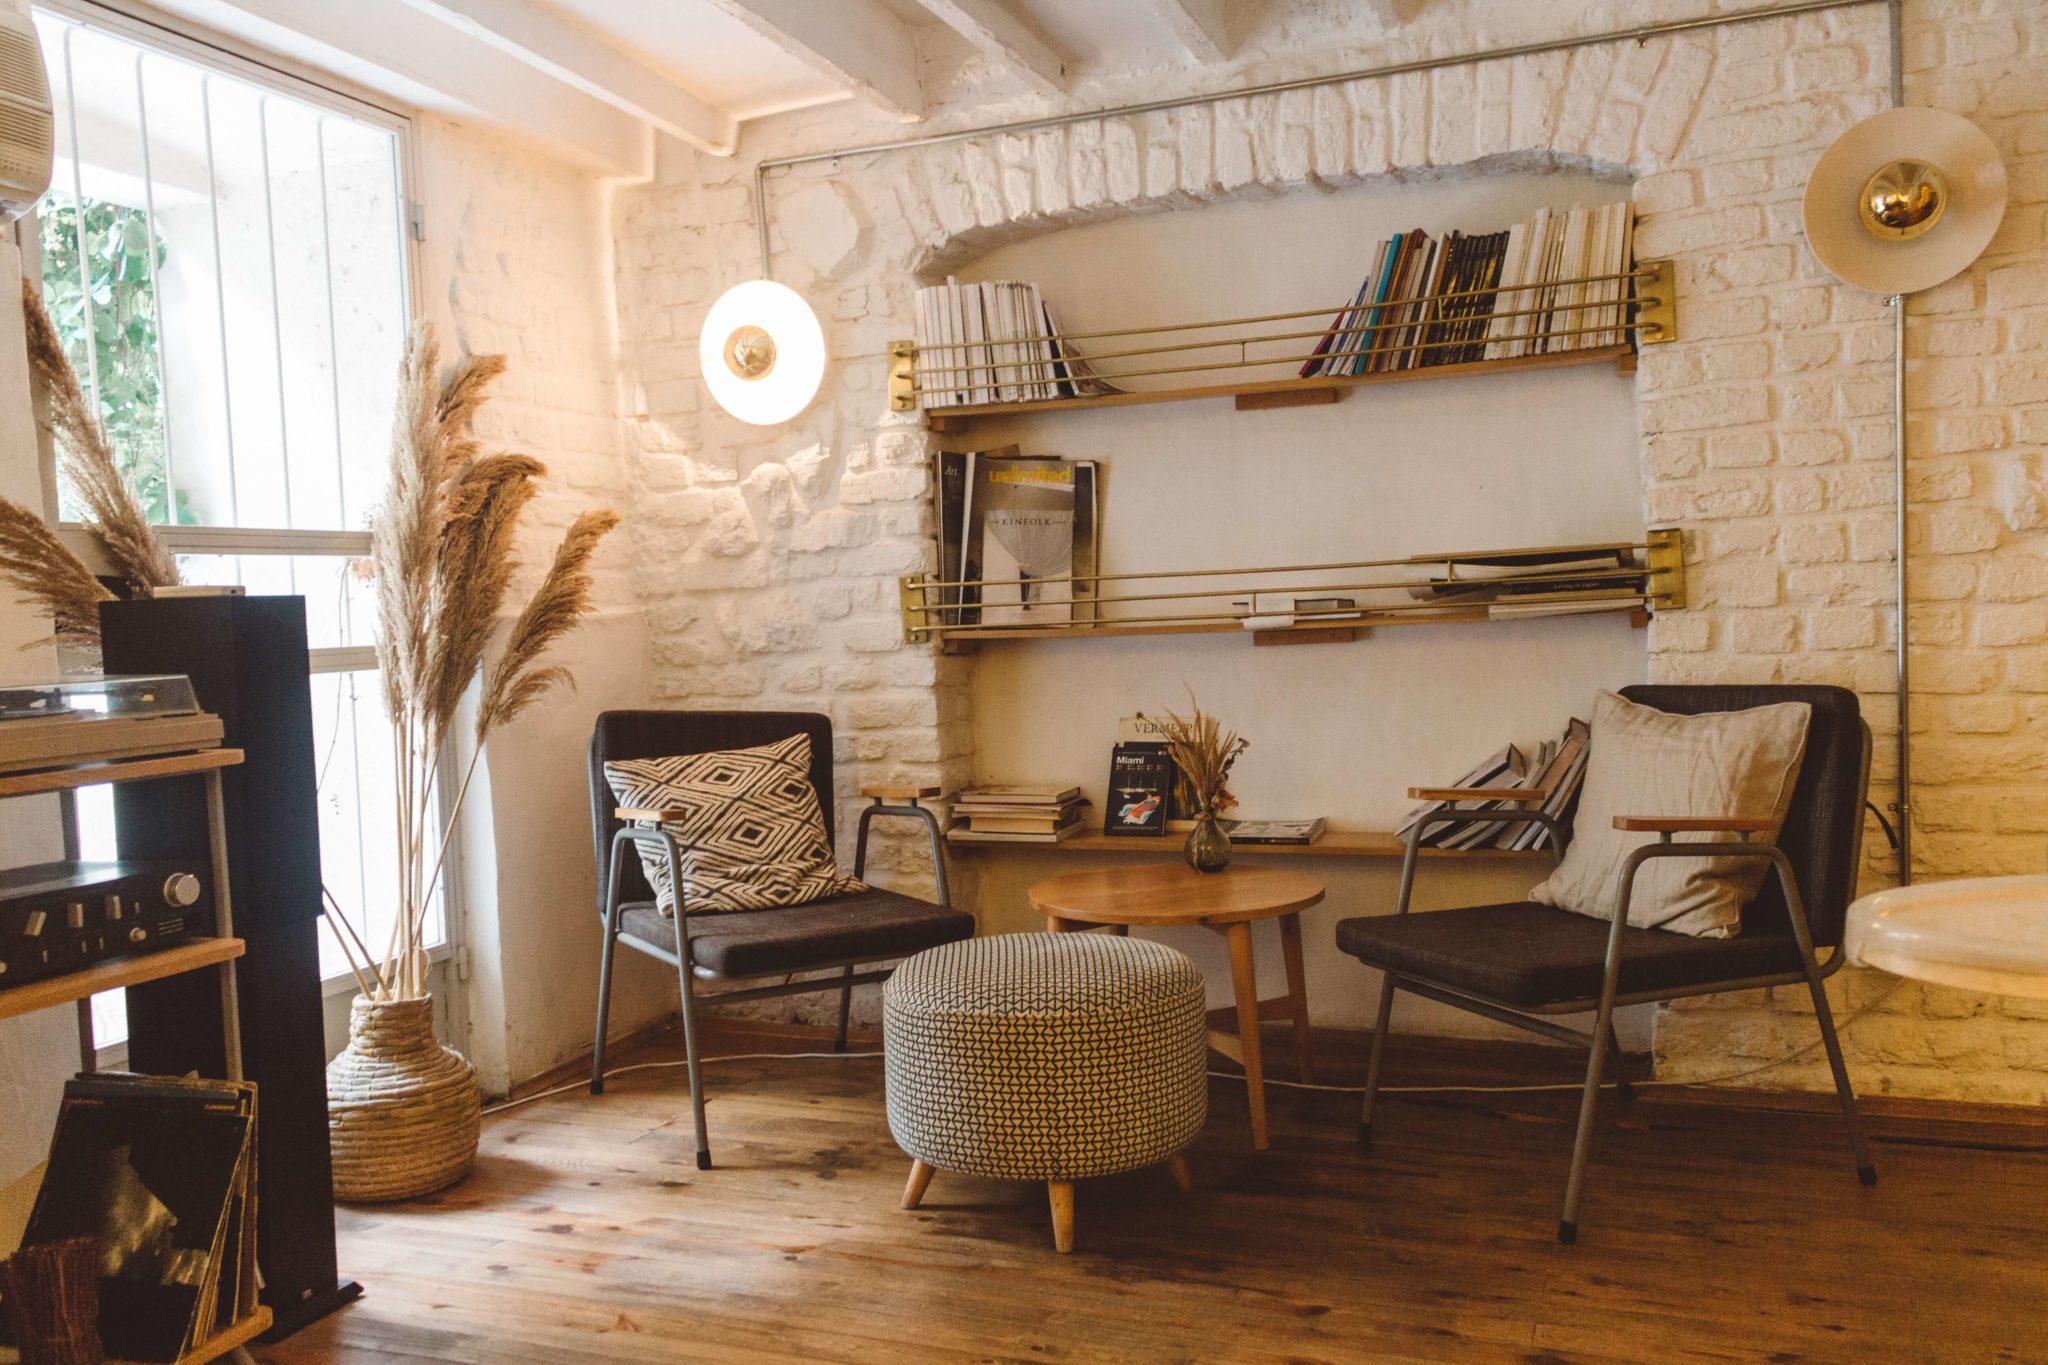 4 Dicas de decoração para ambientes pequenos